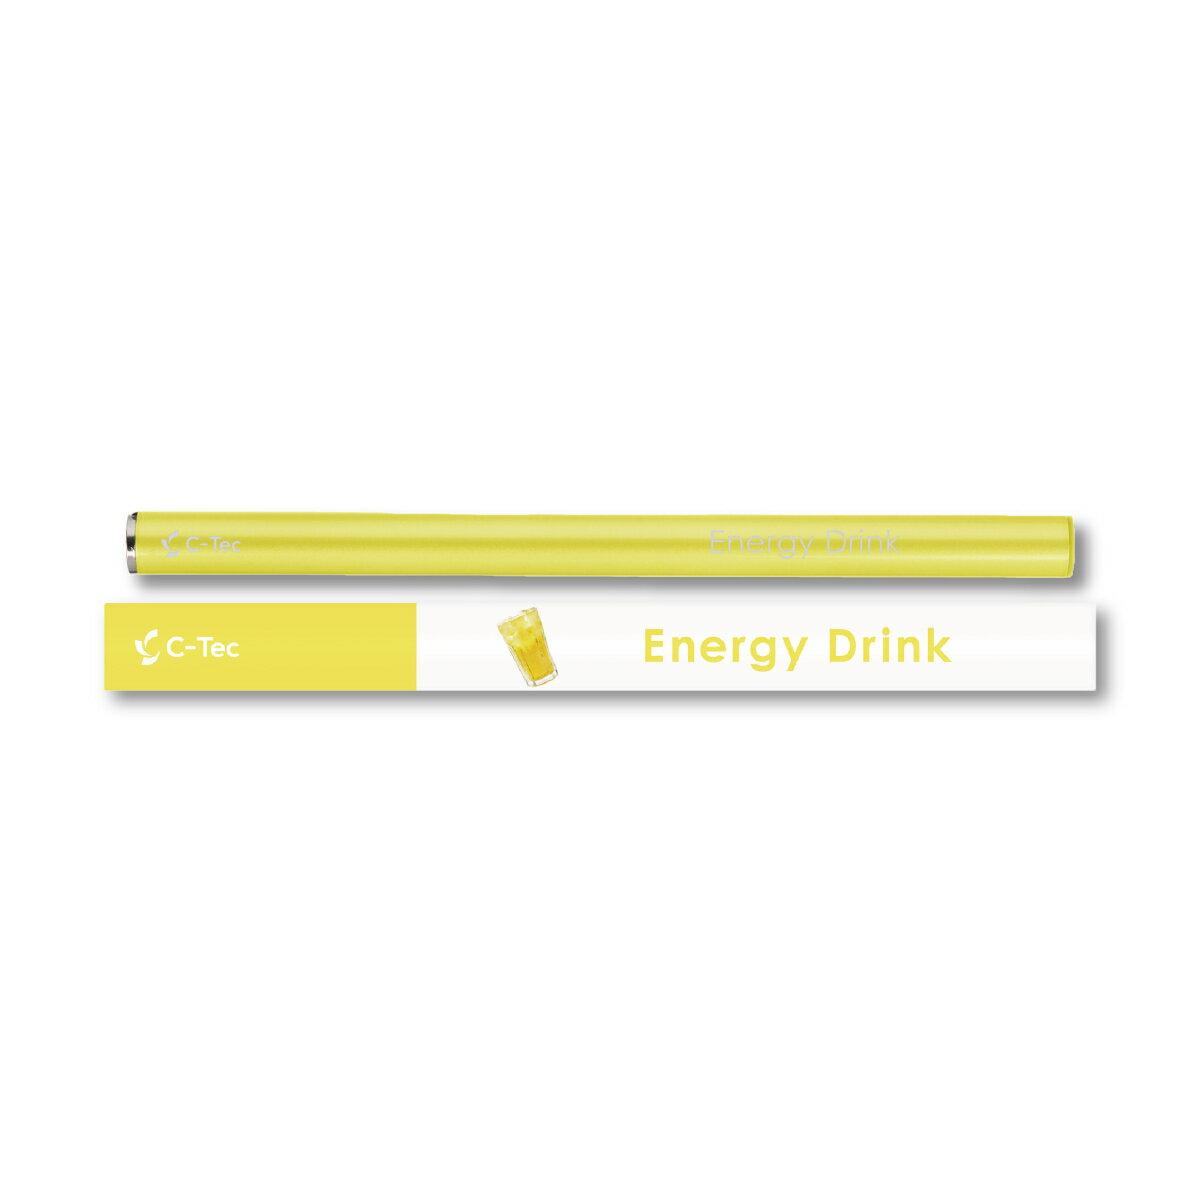 シーテック スティック エナジードリンク 使い捨てタイプ 携帯ケース付き 電子タバコ 送料無料 c-tec stick ニコチン0 タール0 副流煙0 ビタミン 成分配合